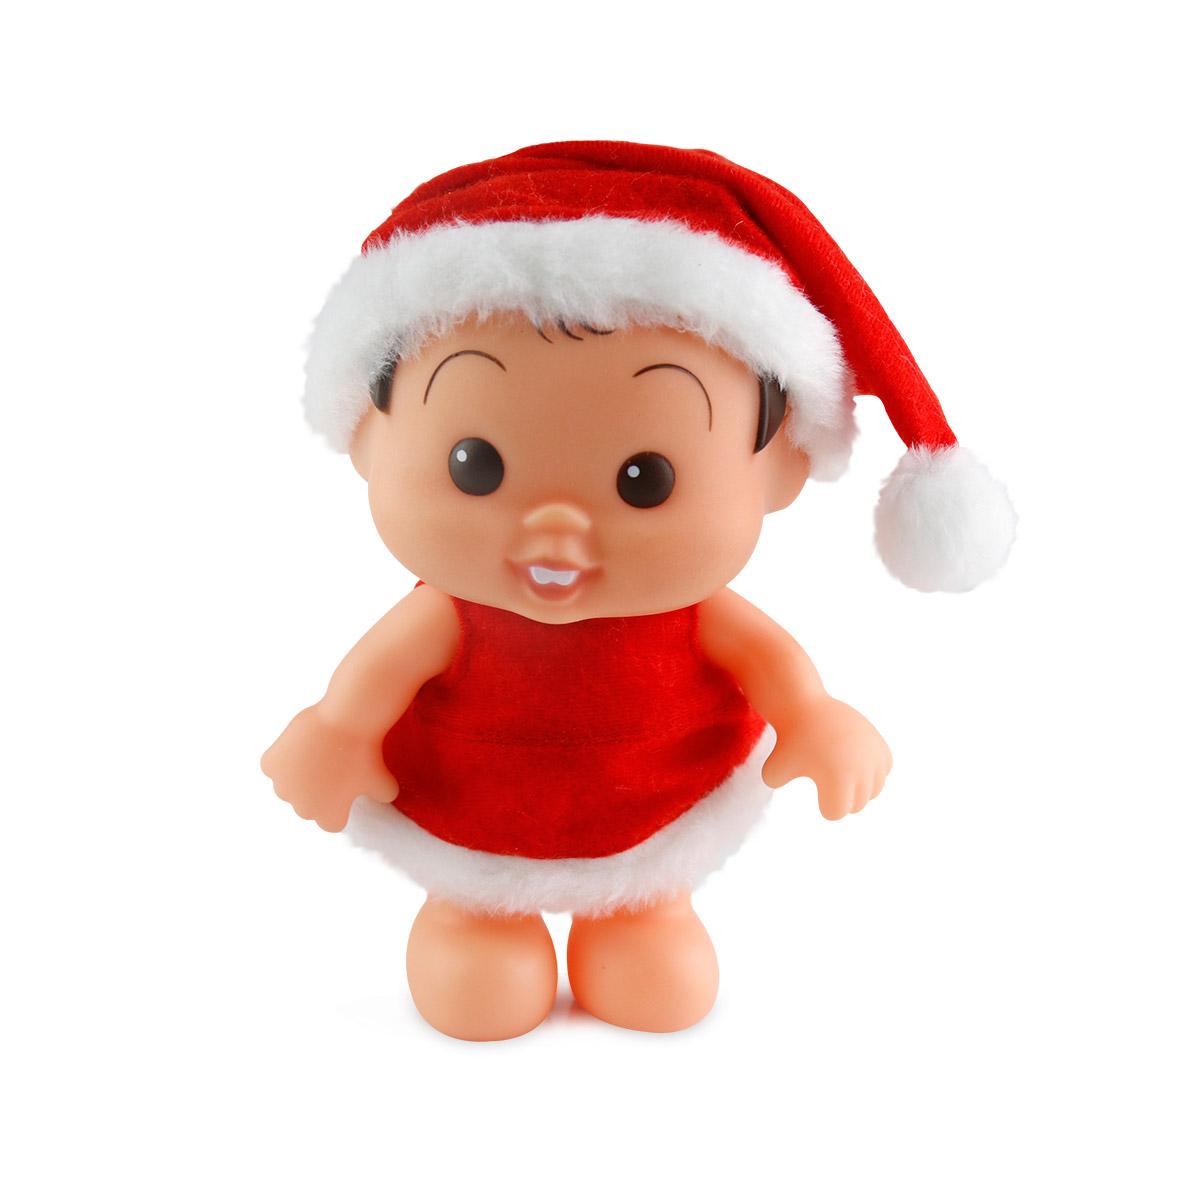 Boneco Turma da M�nica Bonitinha Natal